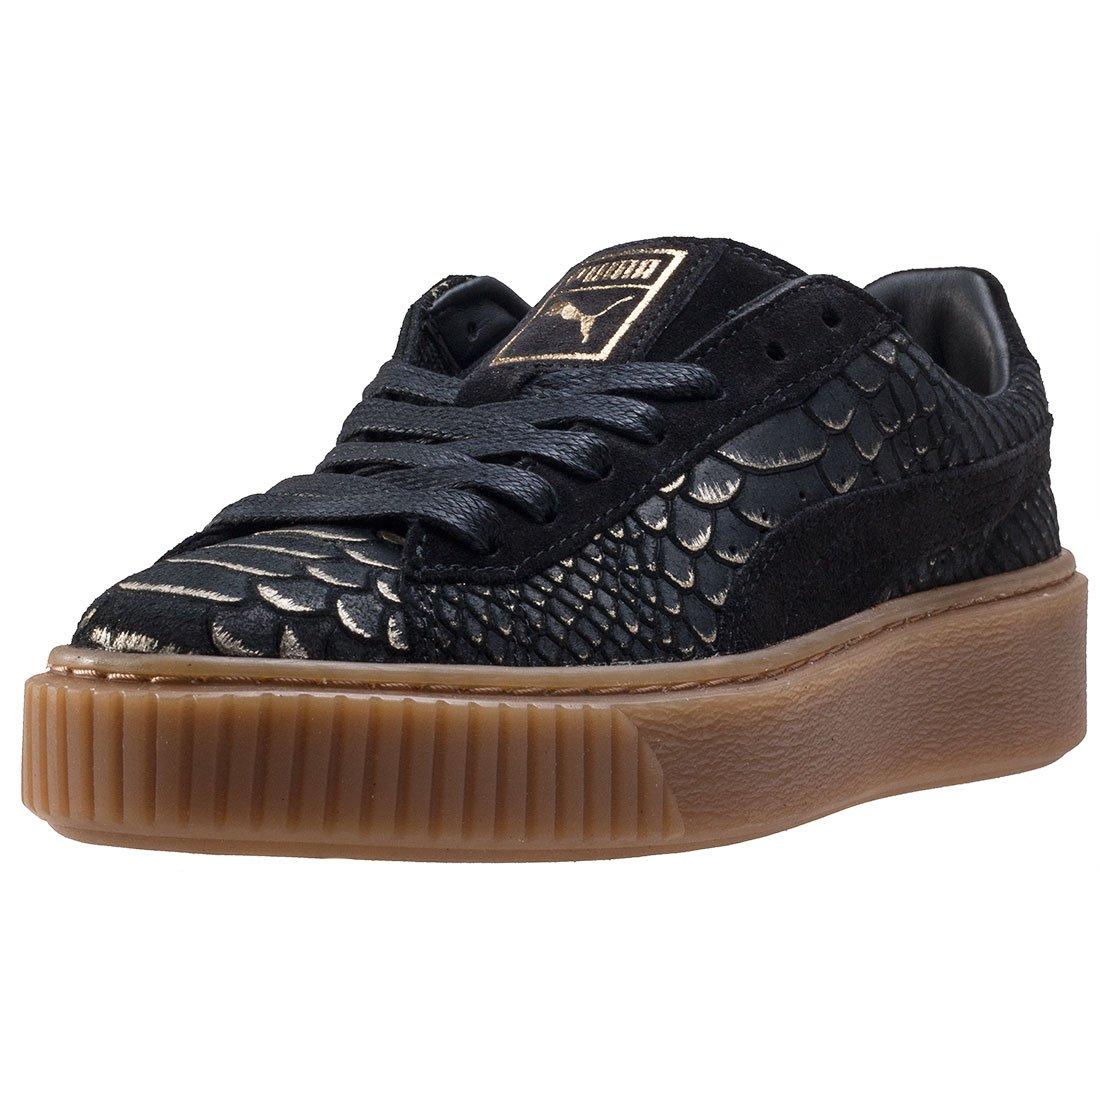 Puma Basket Platform Exotic Skin 36337701, Turnschuhe    Mama kaufte ein bequemes, Baby ist glücklich    Verpackungsvielfalt    Export